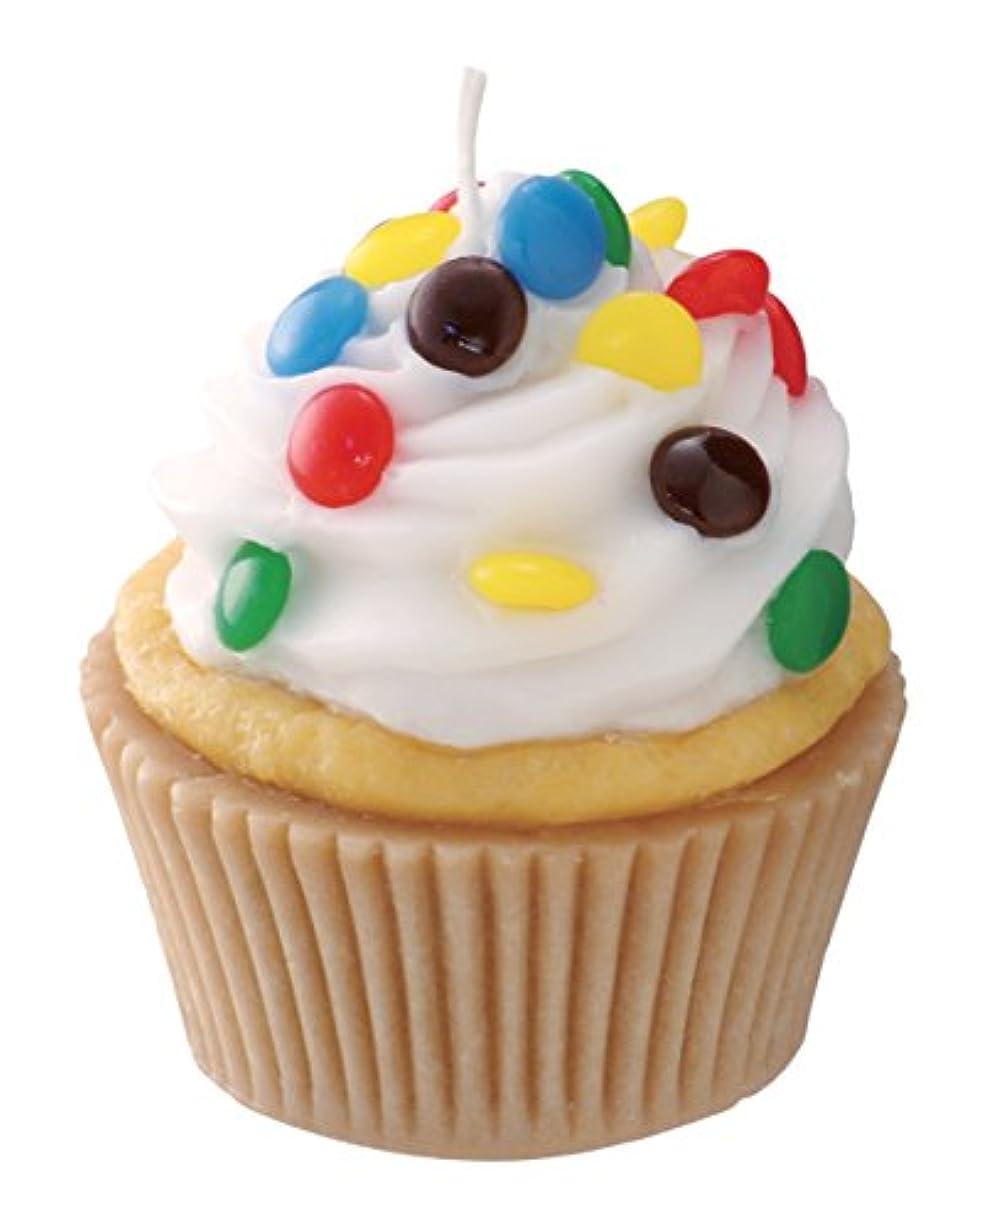 スポット惑星入手しますカメヤマキャンドルハウス 本物そっくり! アメリカンカップケーキキャンドル ホワイトクリーム チョコレートの香り